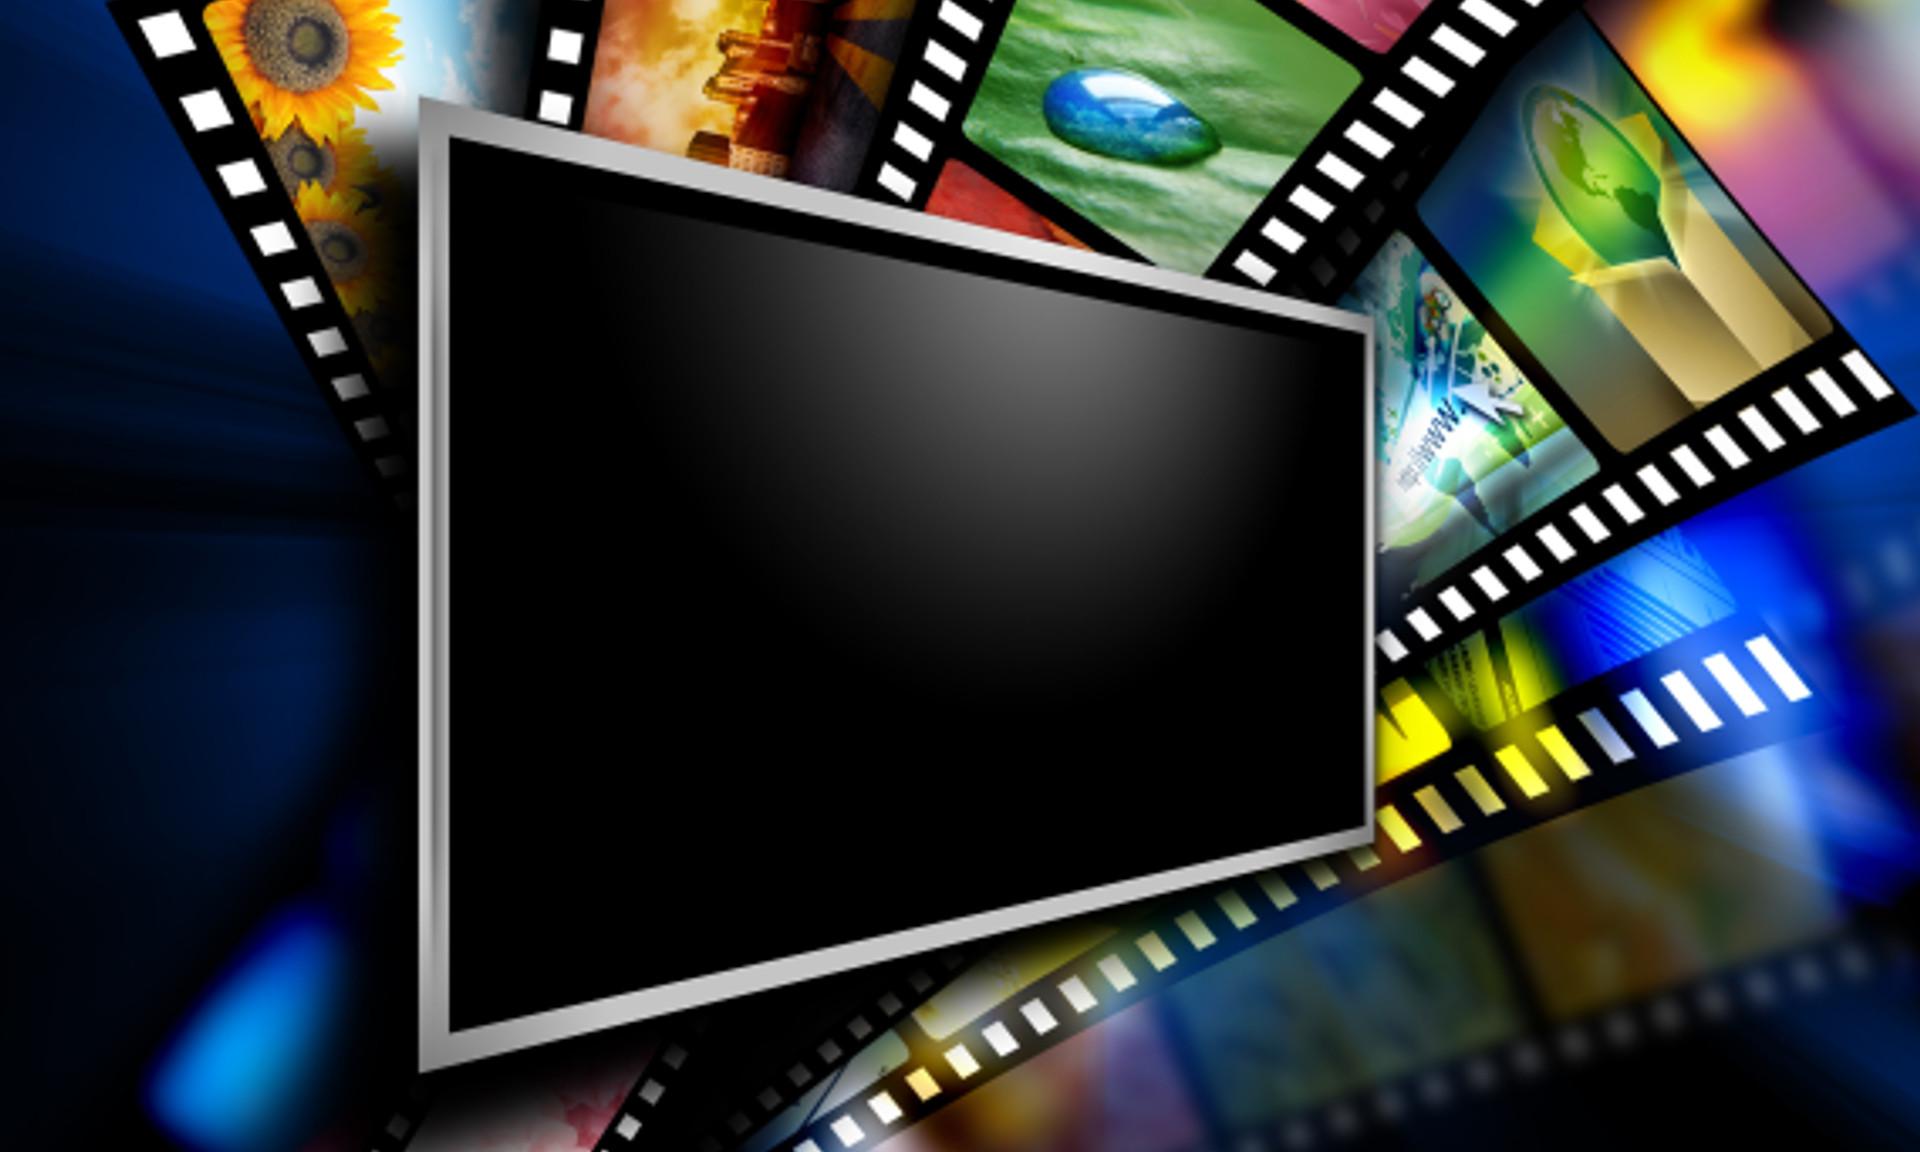 TVscreen image